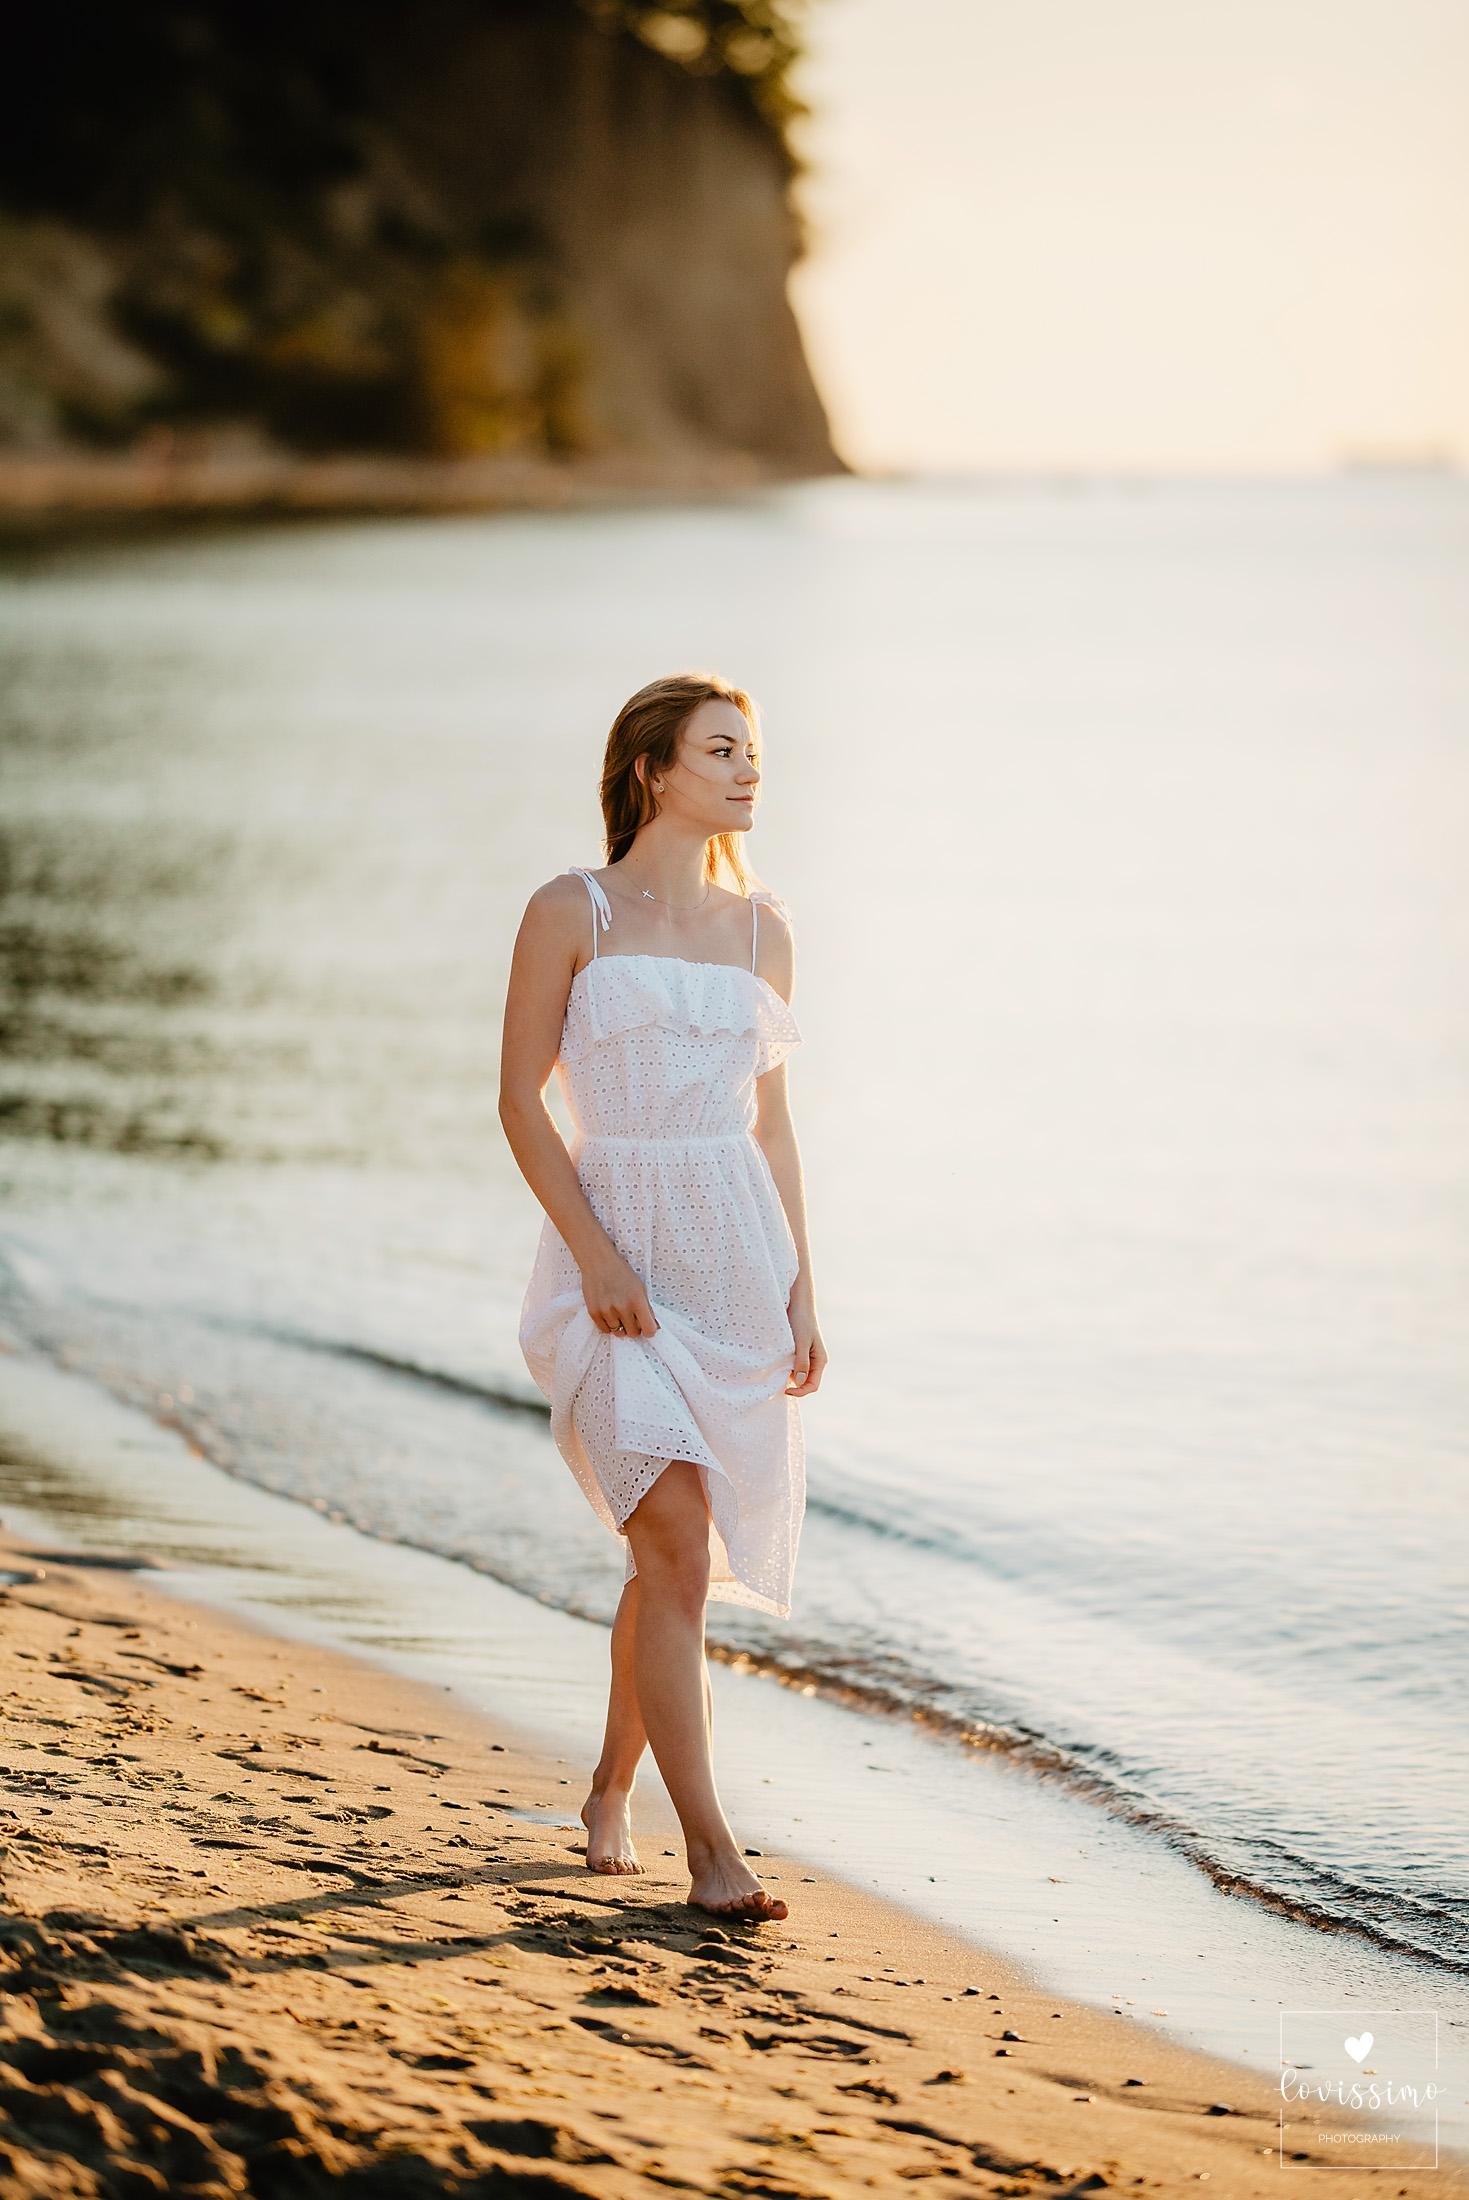 Sesja kobieca portretowa nad morzem, nad Bałtykiem, fotograf Rzeszów